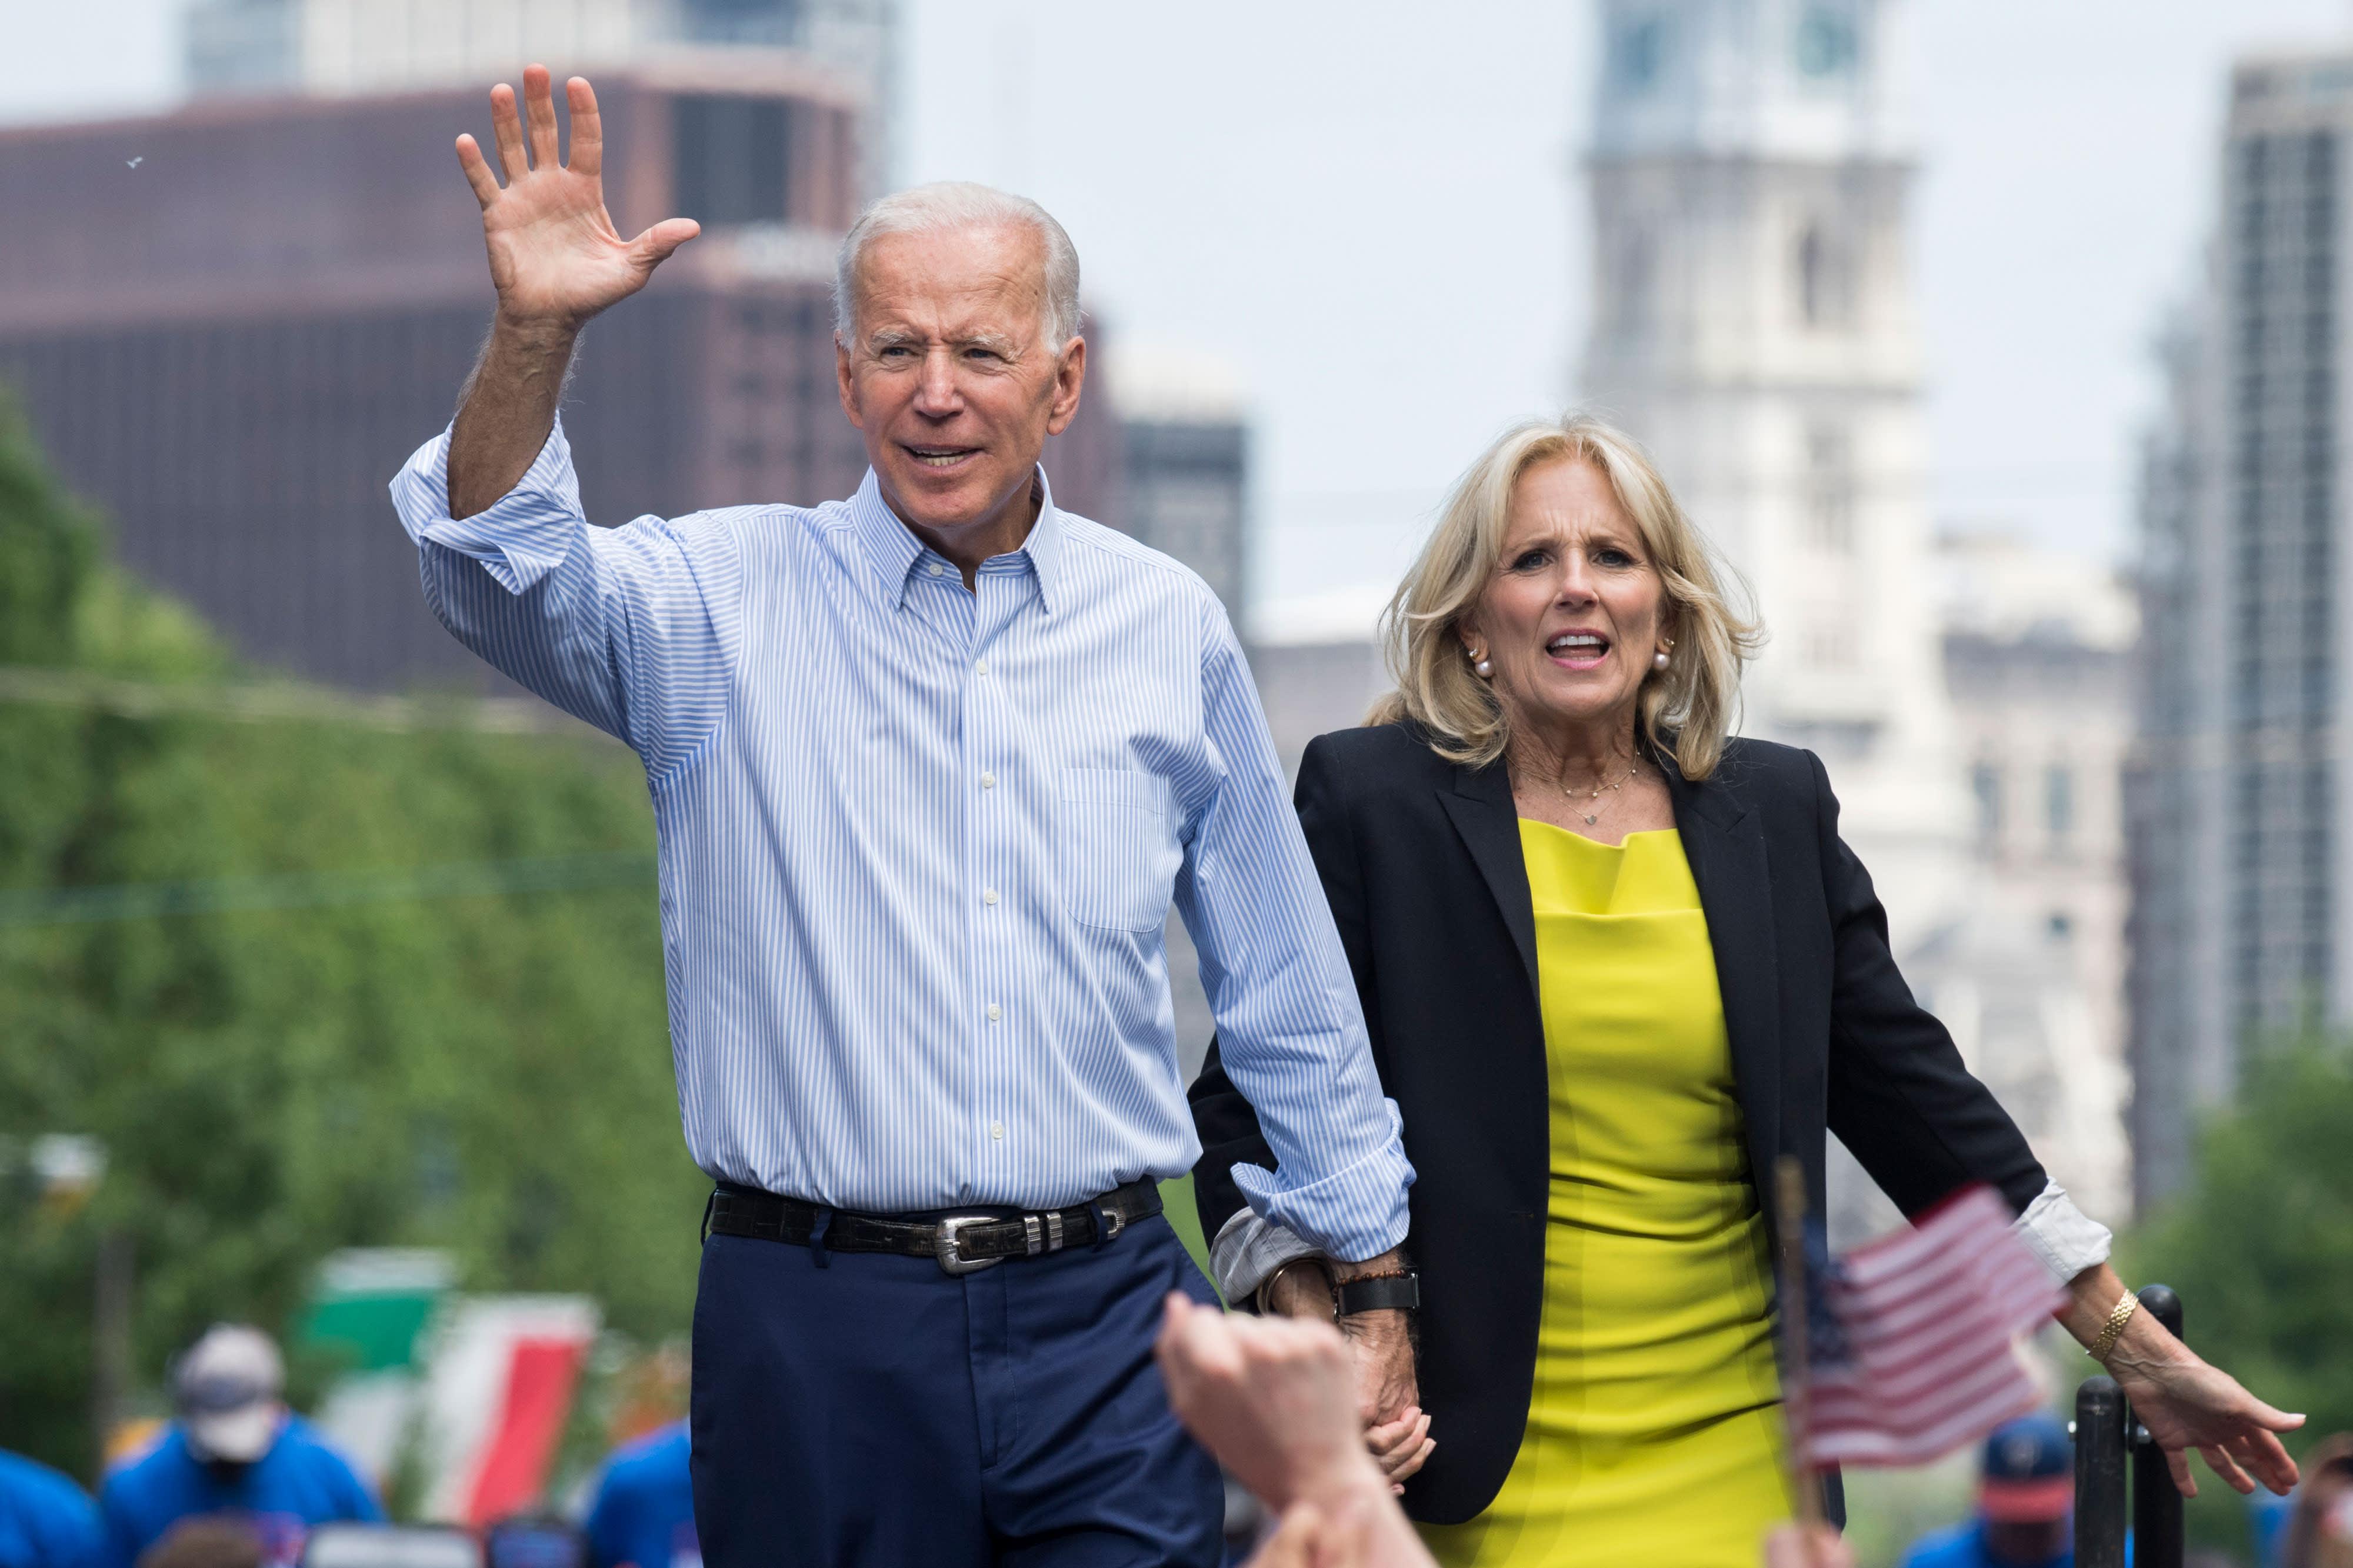 Joe Biden releases 2019 tax returns ahead of presidential debate